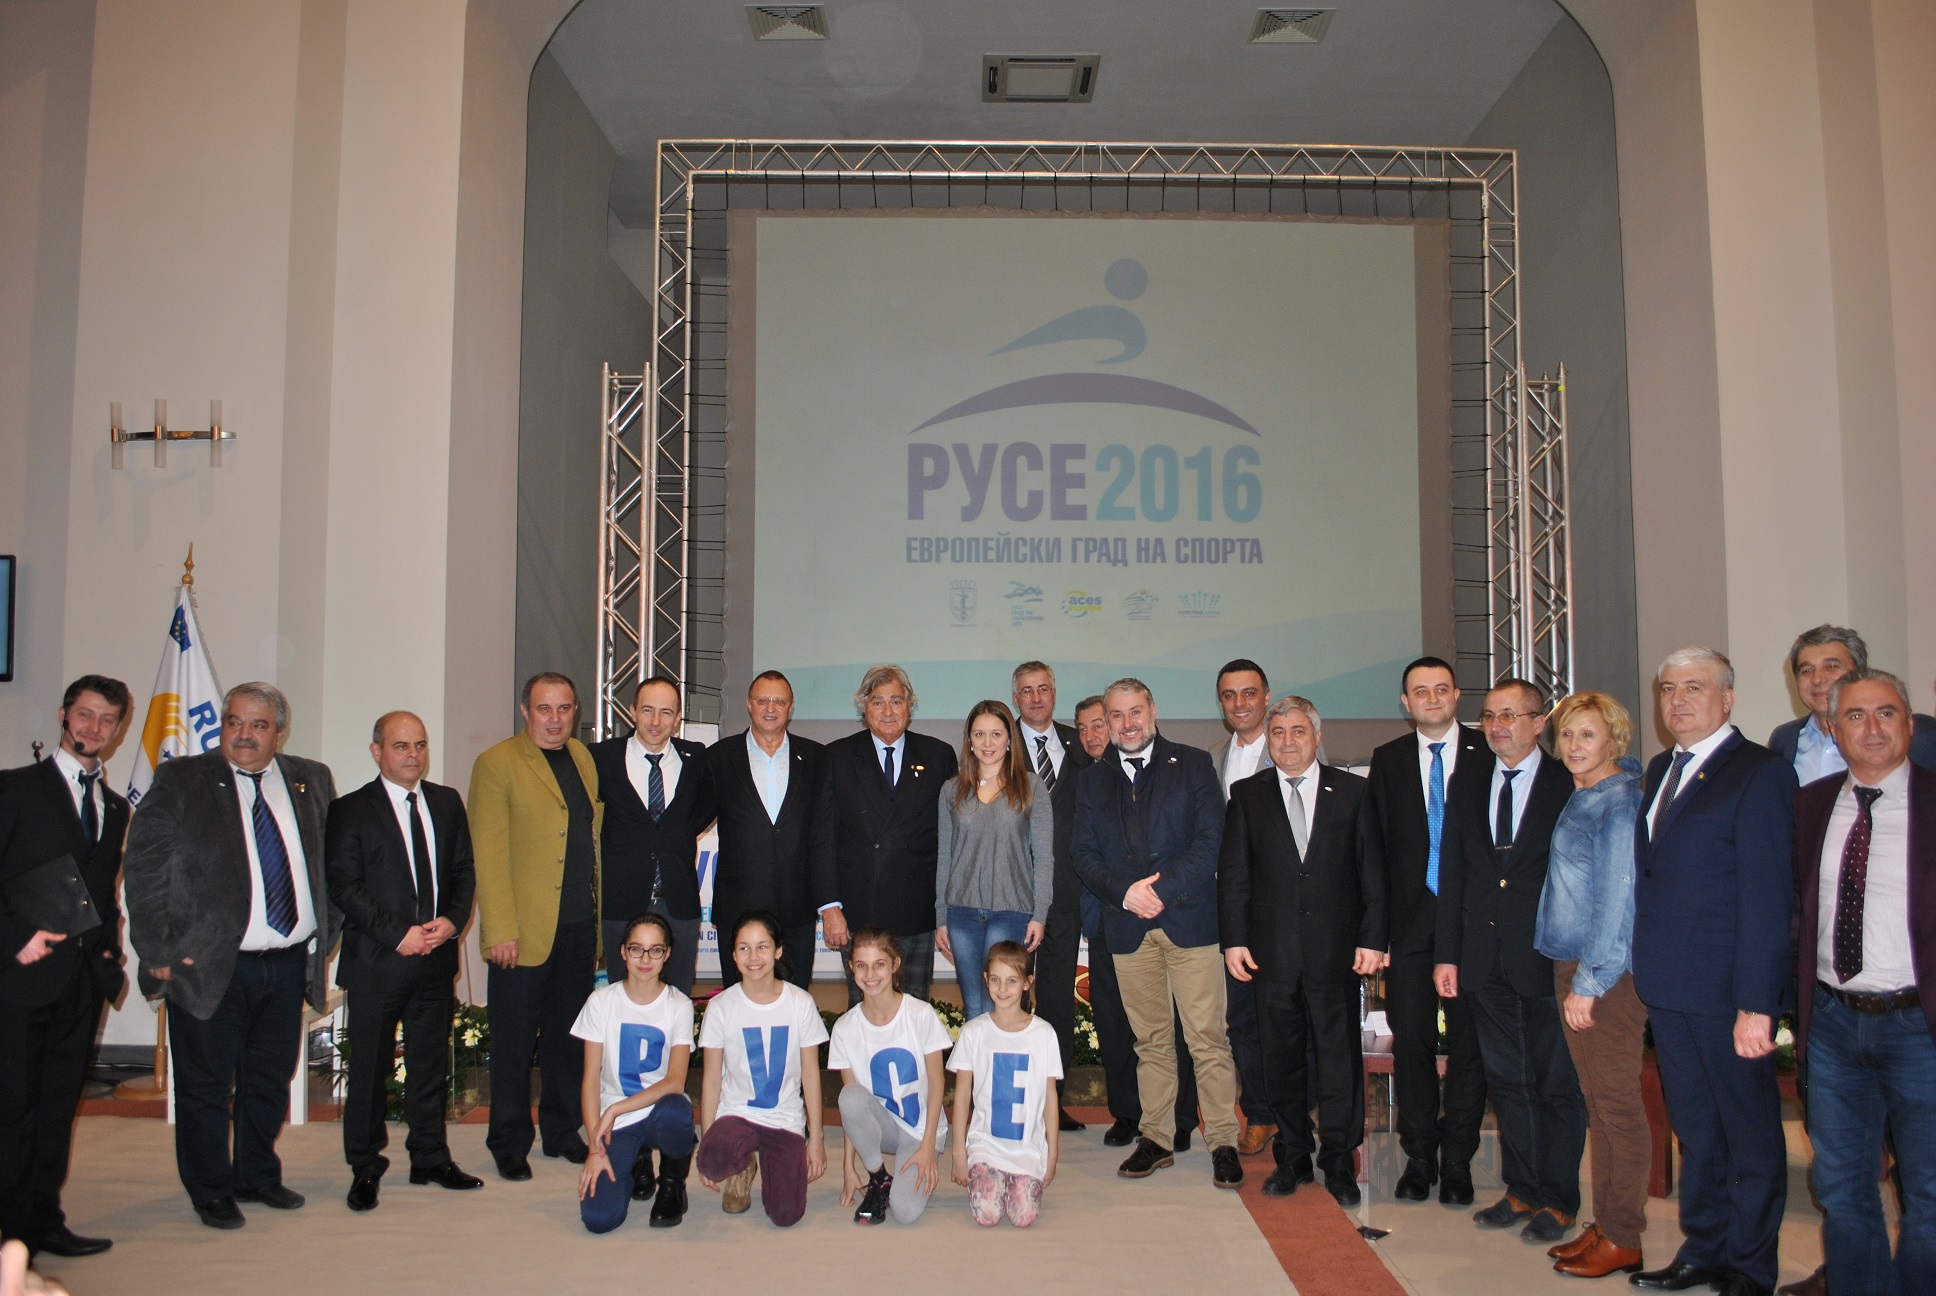 Photo of С пищна церемония стартира Европейската година на спорта в Русе